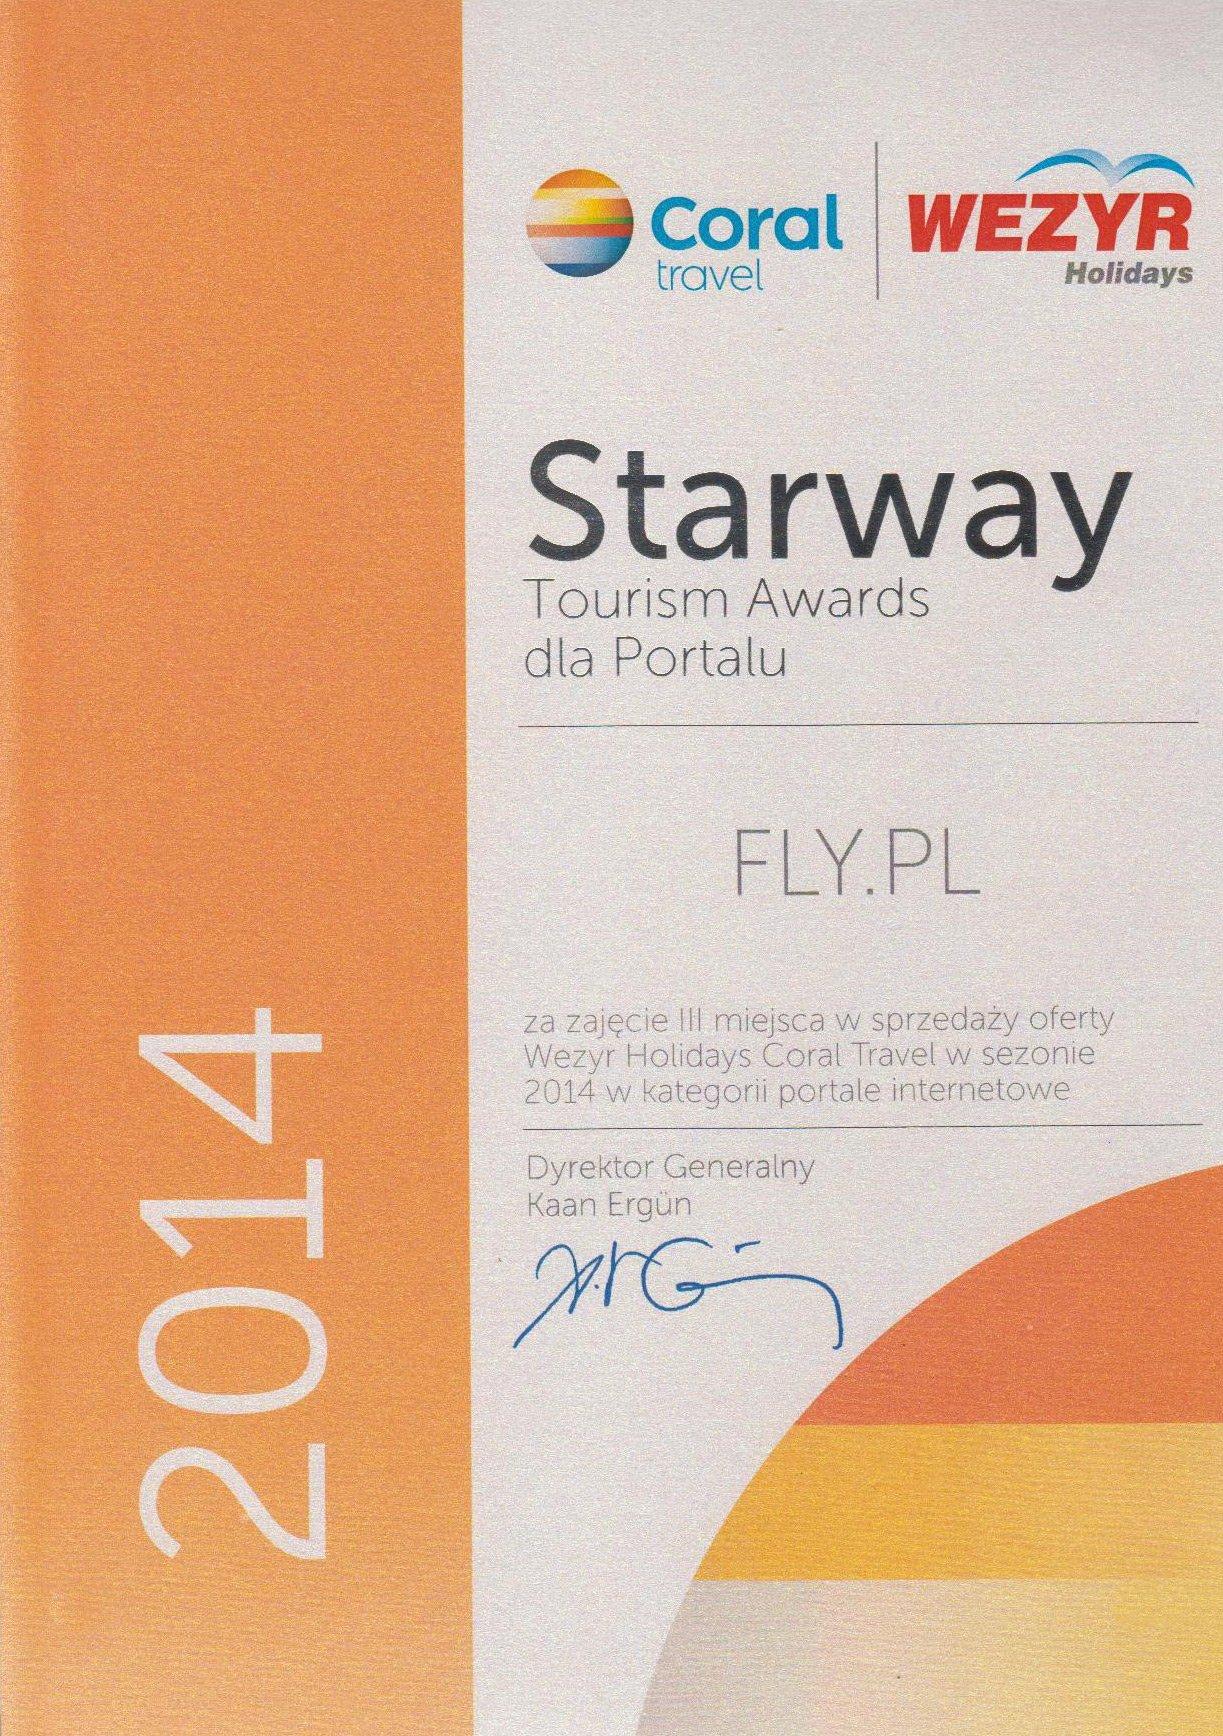 Dyplom Starway Tourism Awards od Coral Travel Wezyr Holidays